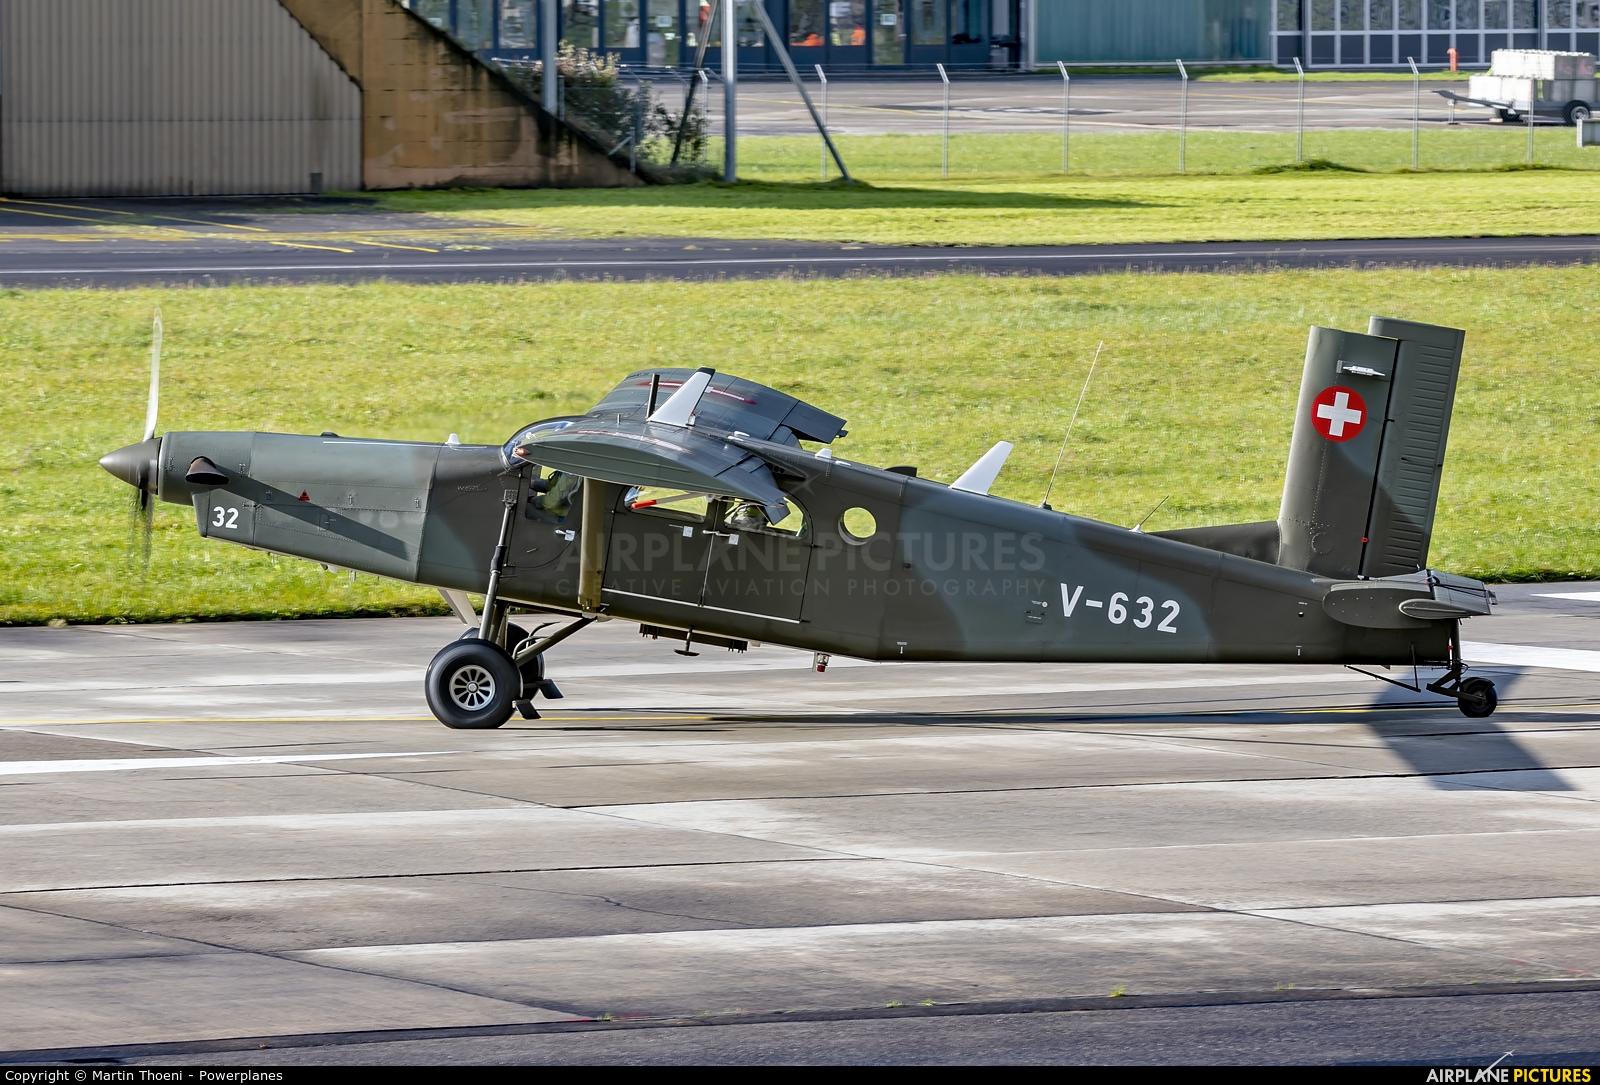 Switzerland - Air Force V-632 aircraft at Meiringen